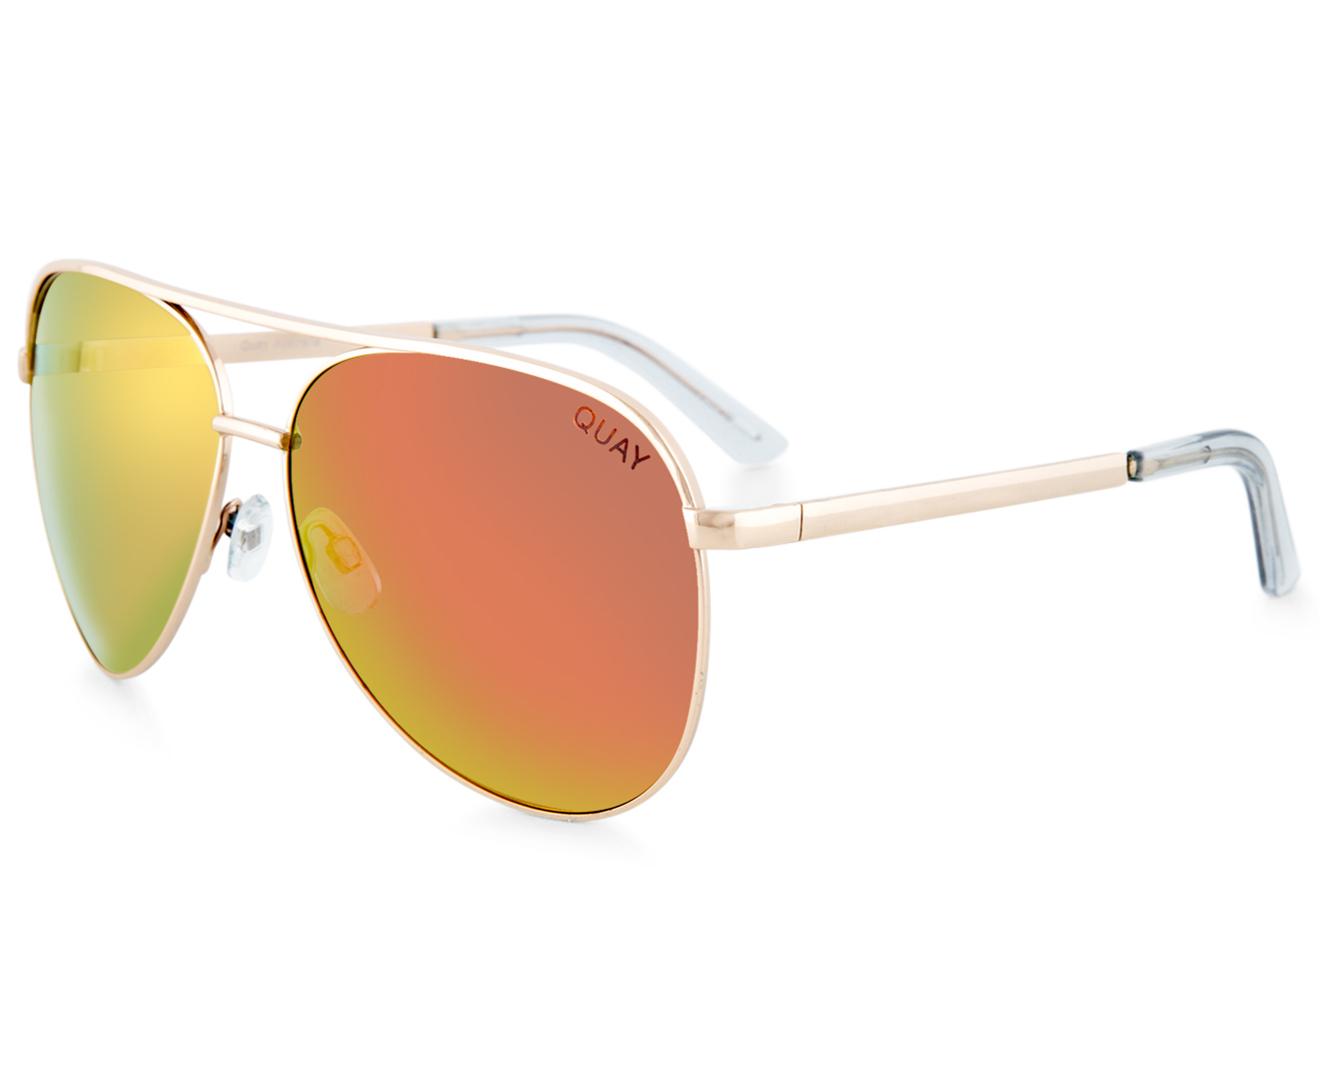 557e6a83e5 Quay Australia Vivienne Sunglasses - Gold Rose